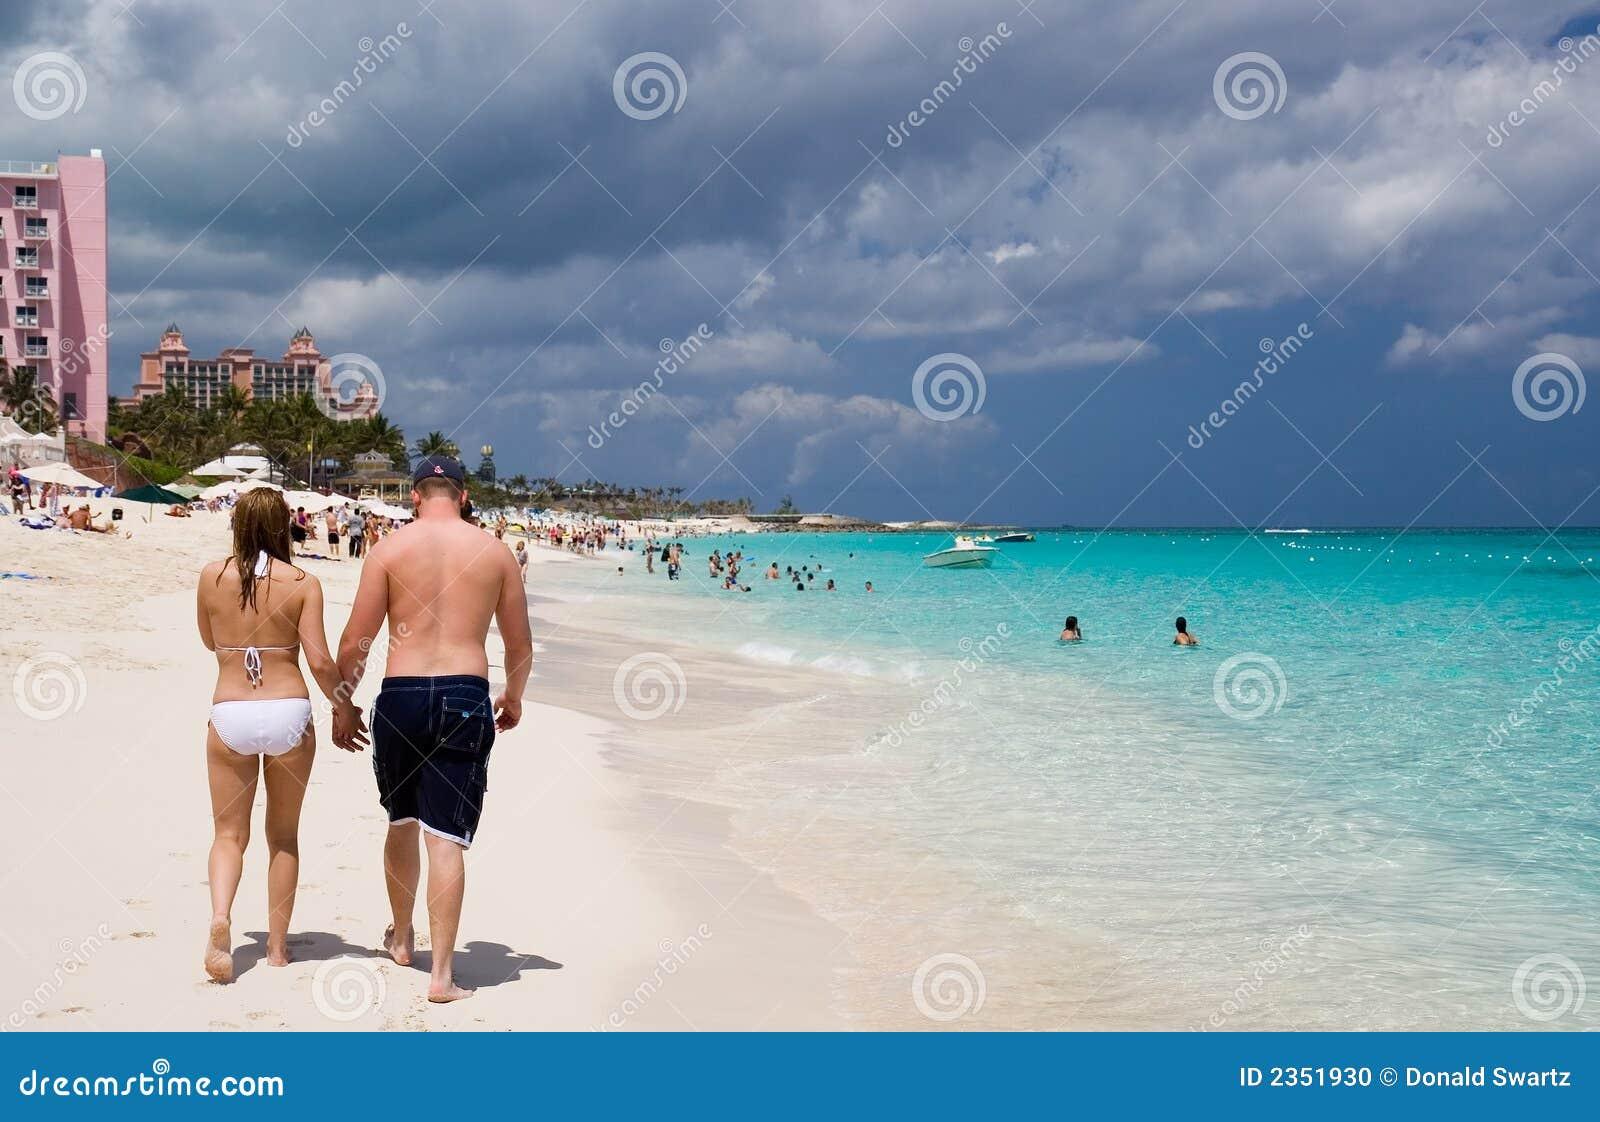 Wzdłuż plaży chodzącym pary